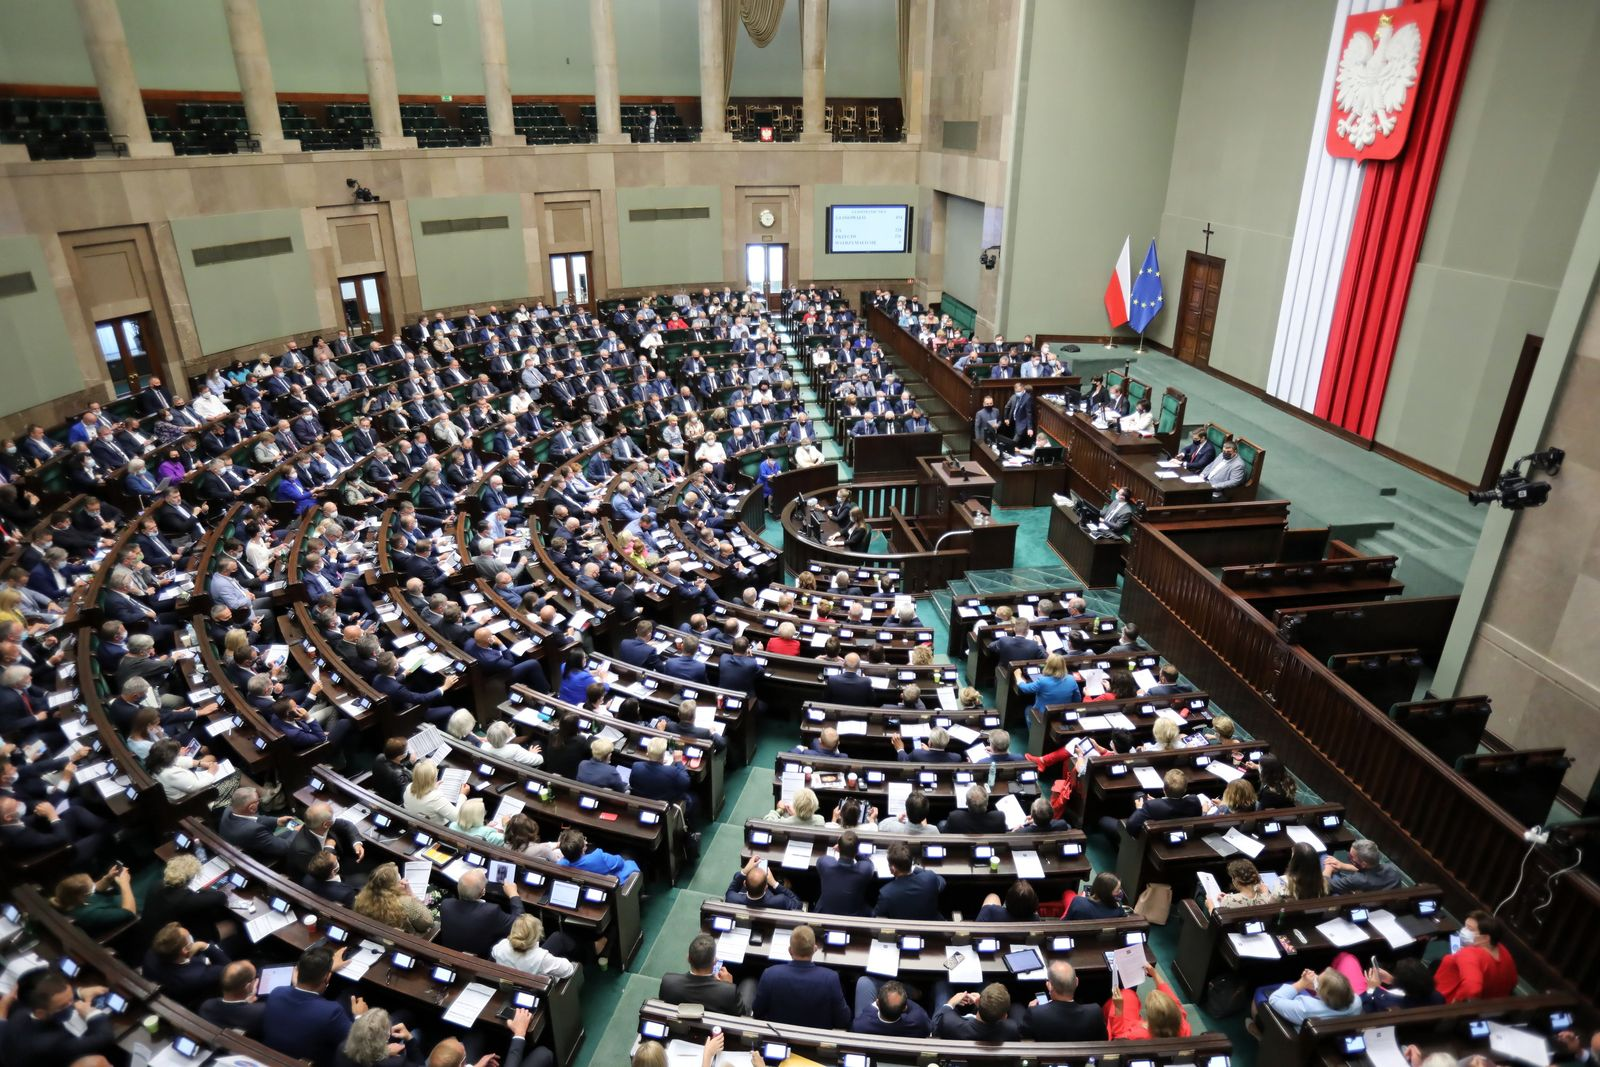 Parlamentsdebatte über Mediengesetz in Warschau